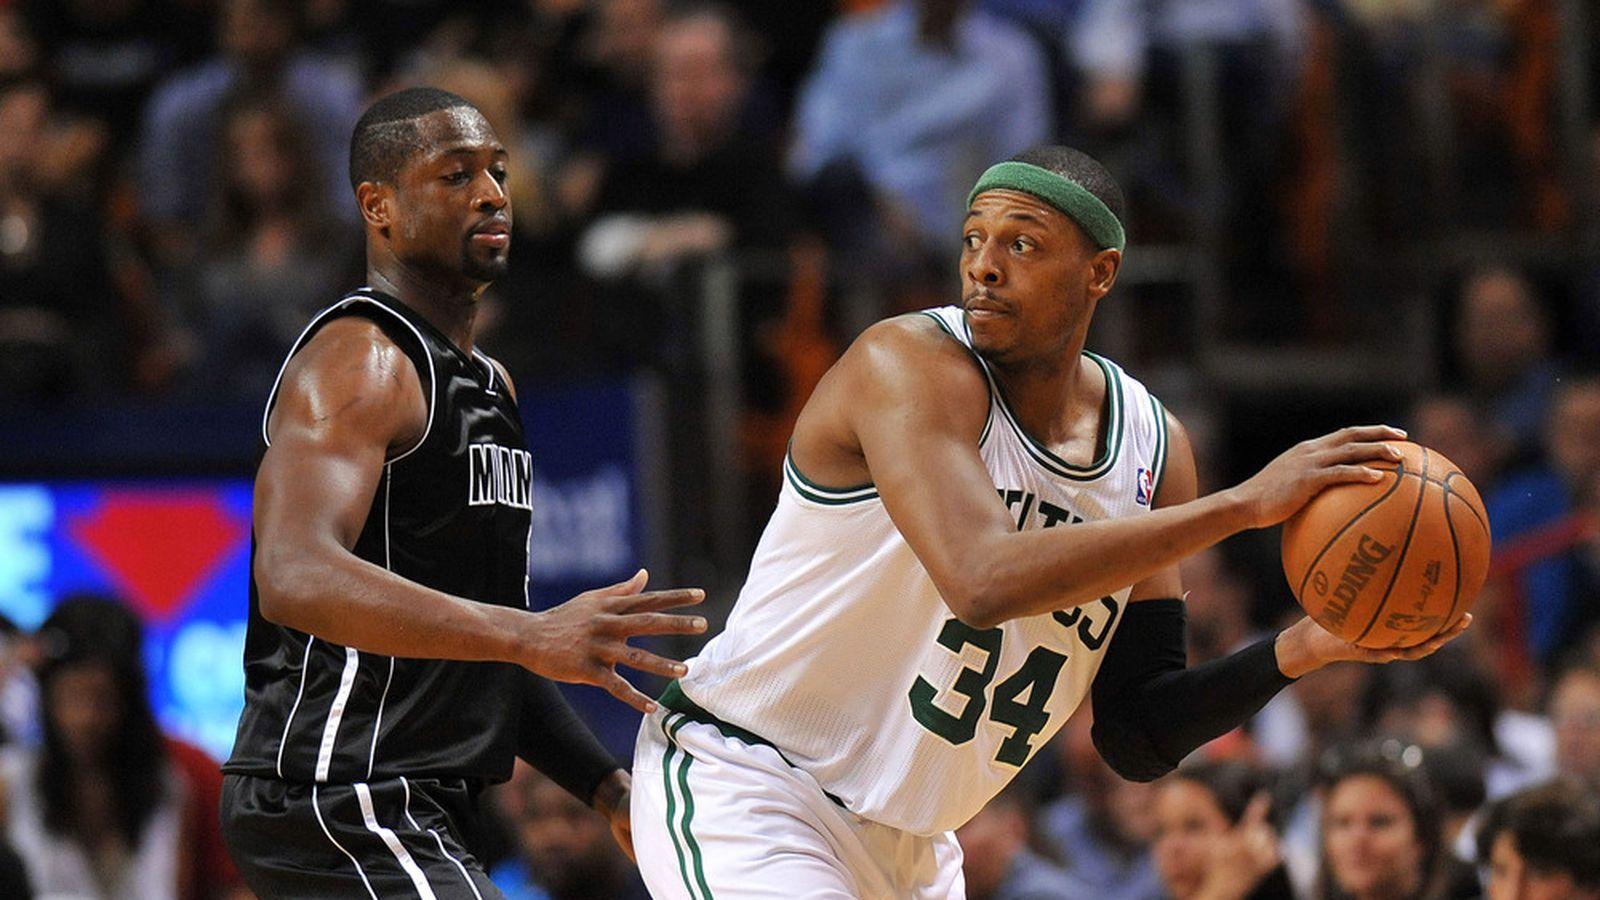 Nba Playoffs 2012 Bulls Schedule | Basketball Scores